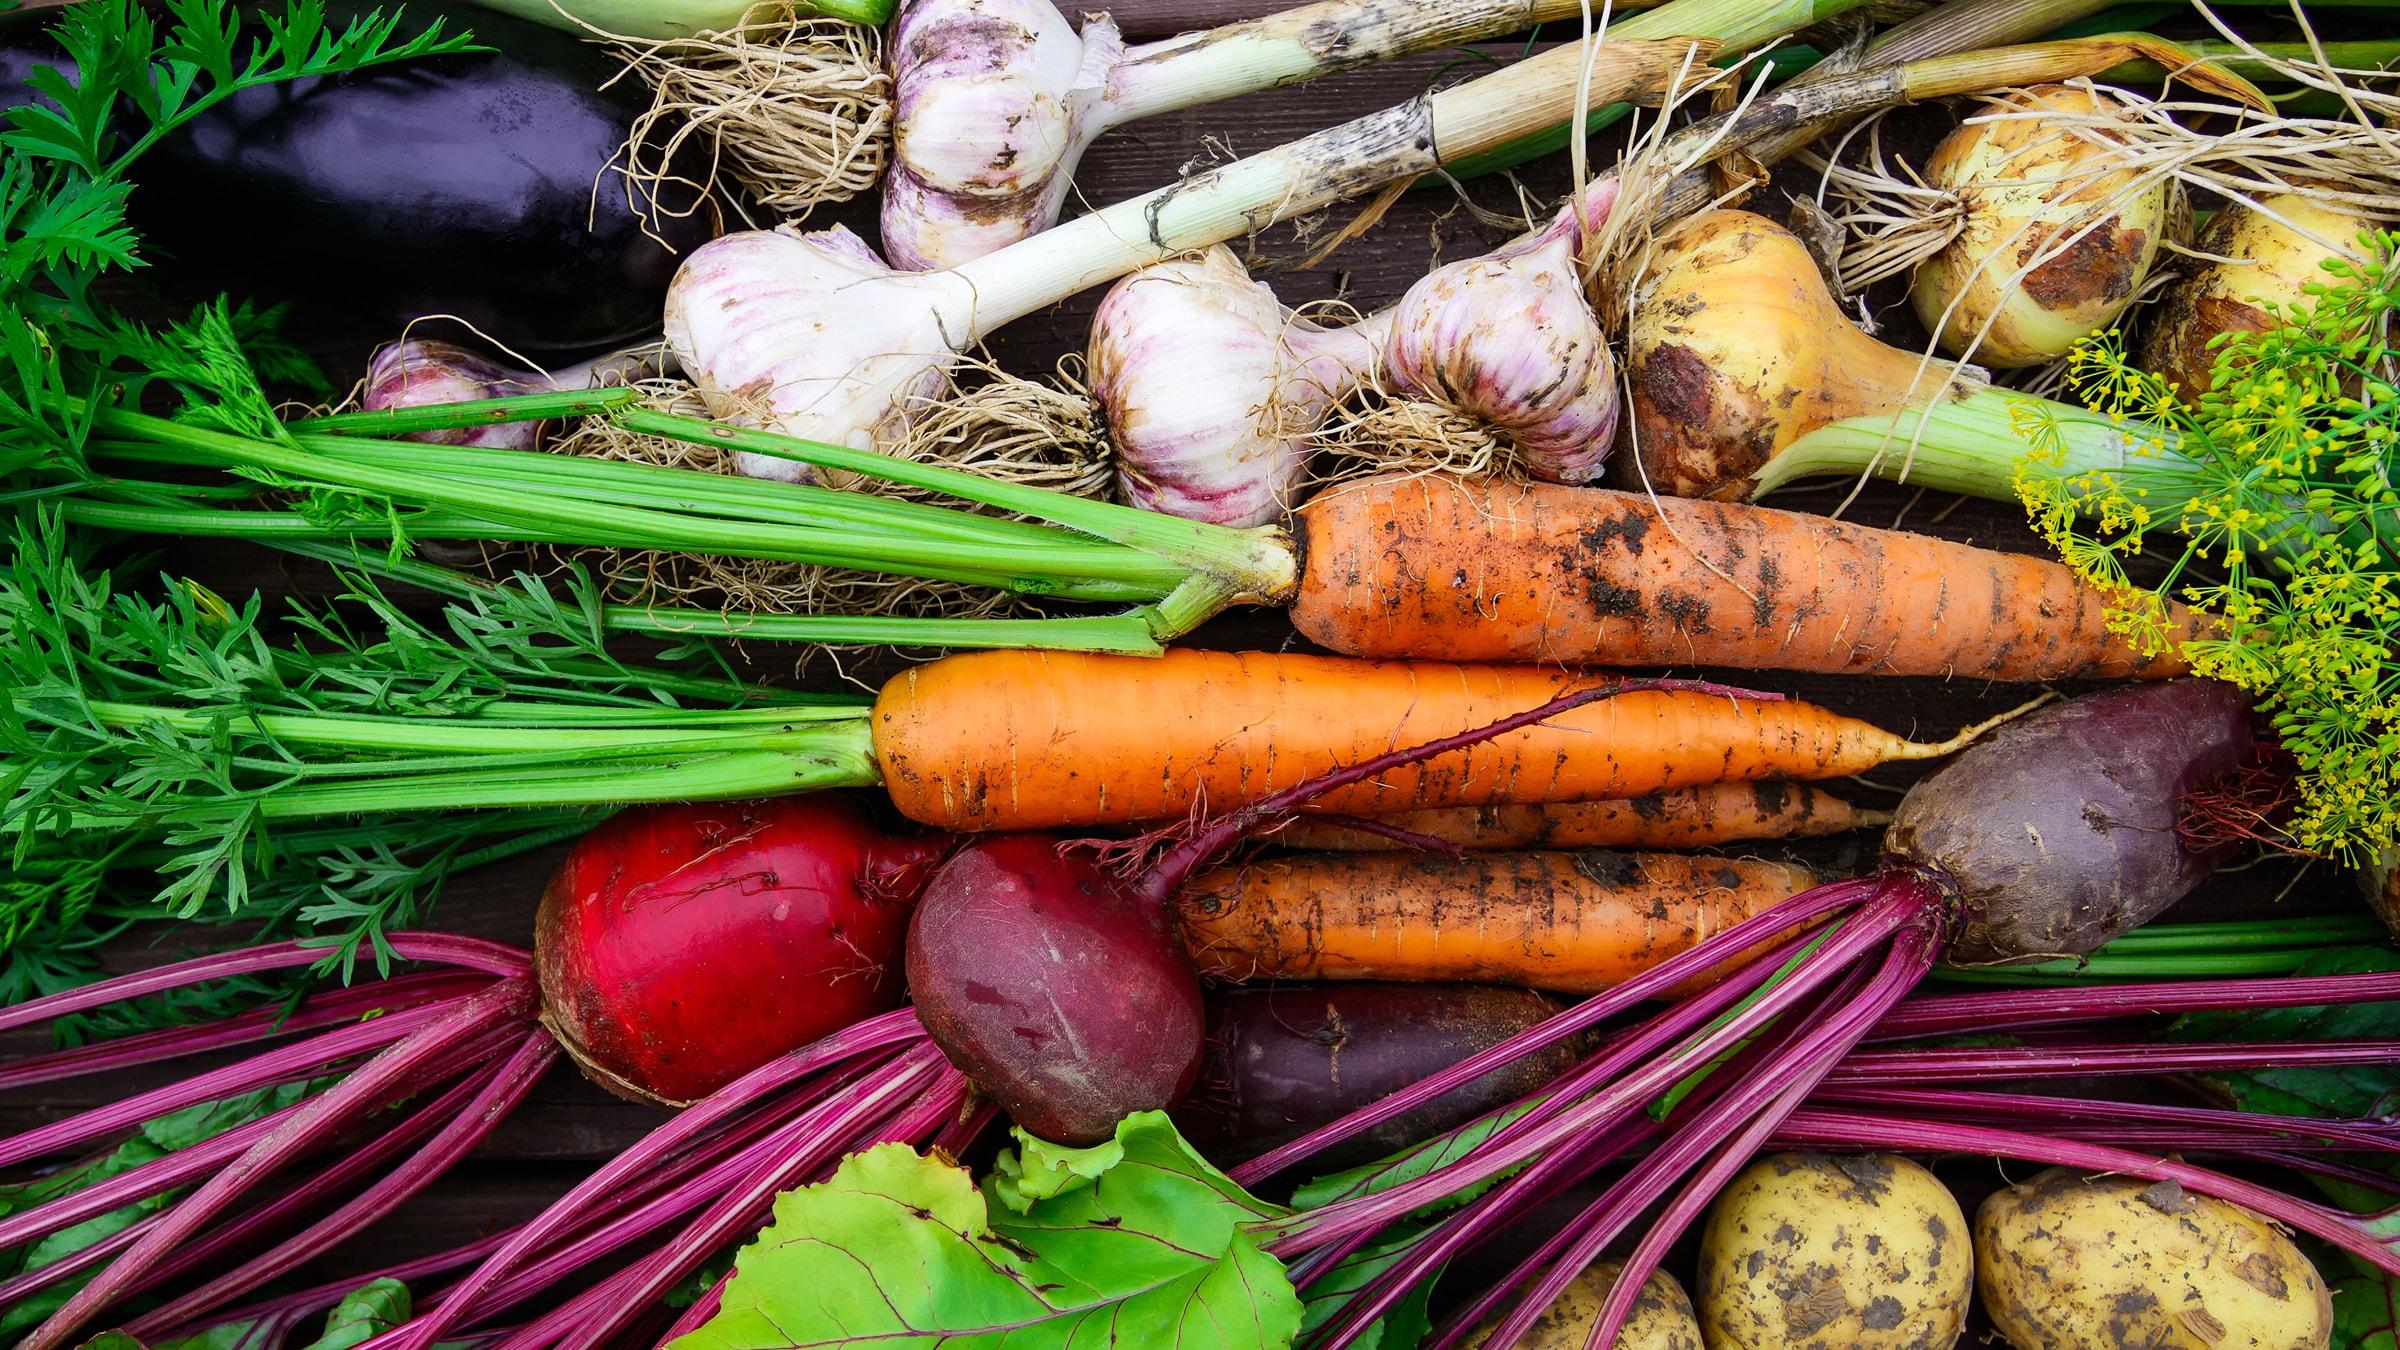 Lebensmittel richtig aufbewahren Die richtige Lagerung & Haltbarkeit